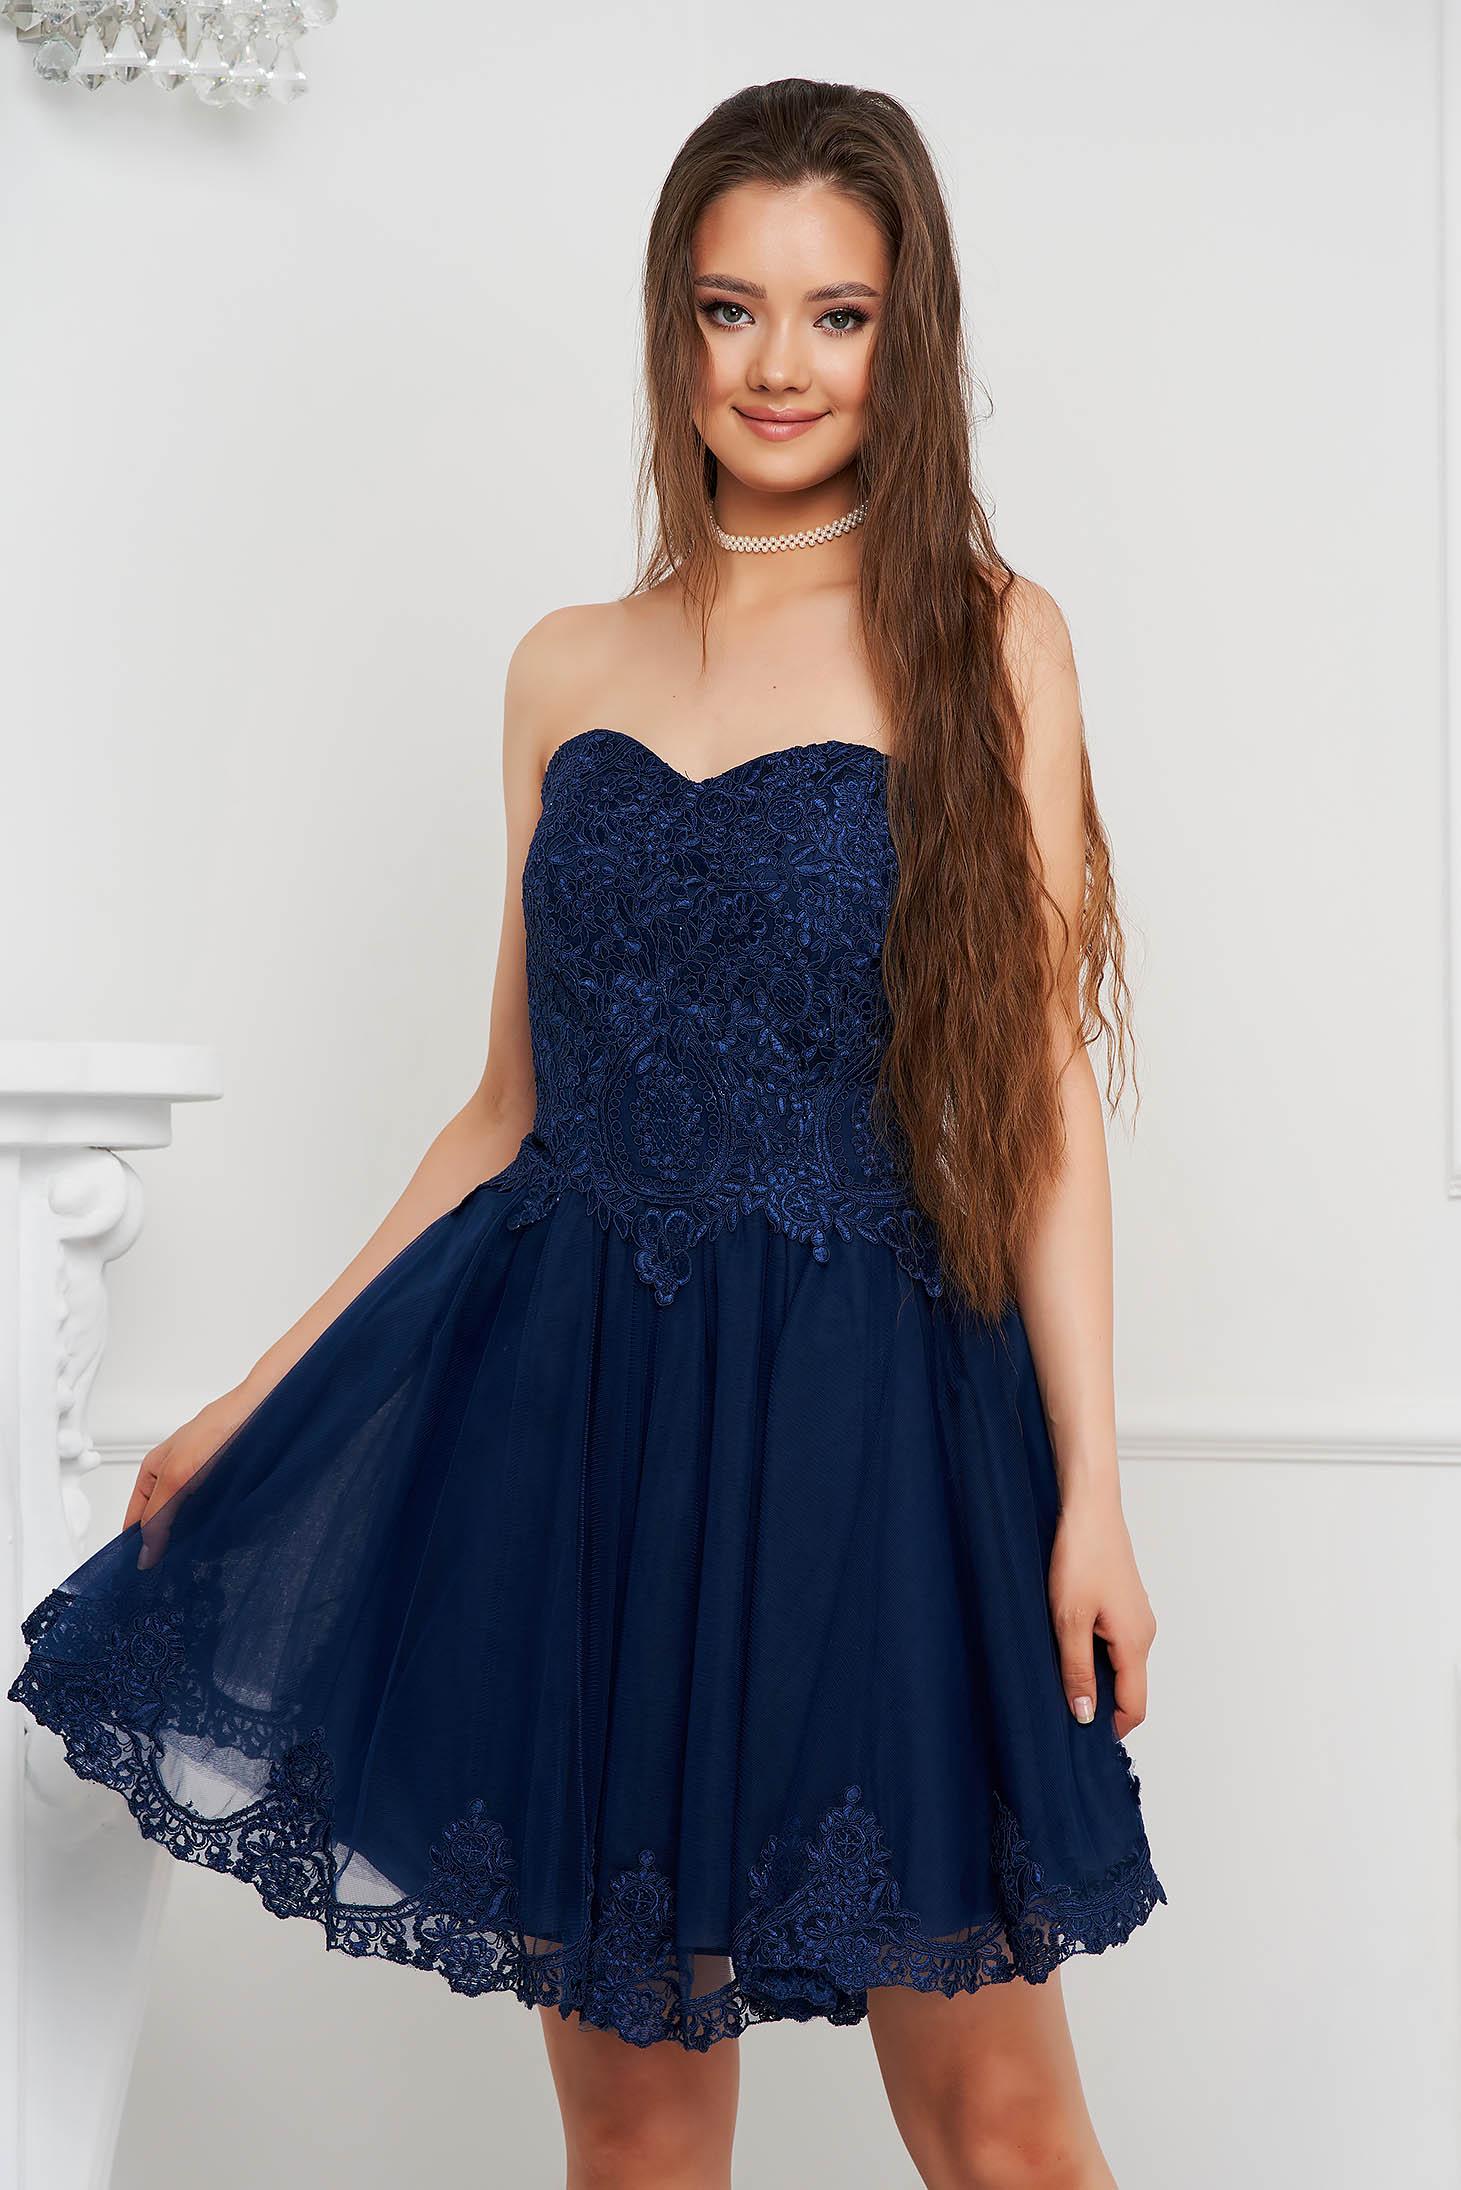 Rochie albastru-inchis scurta de ocazie in clos din voal cu bust buretat tip corset si broderie